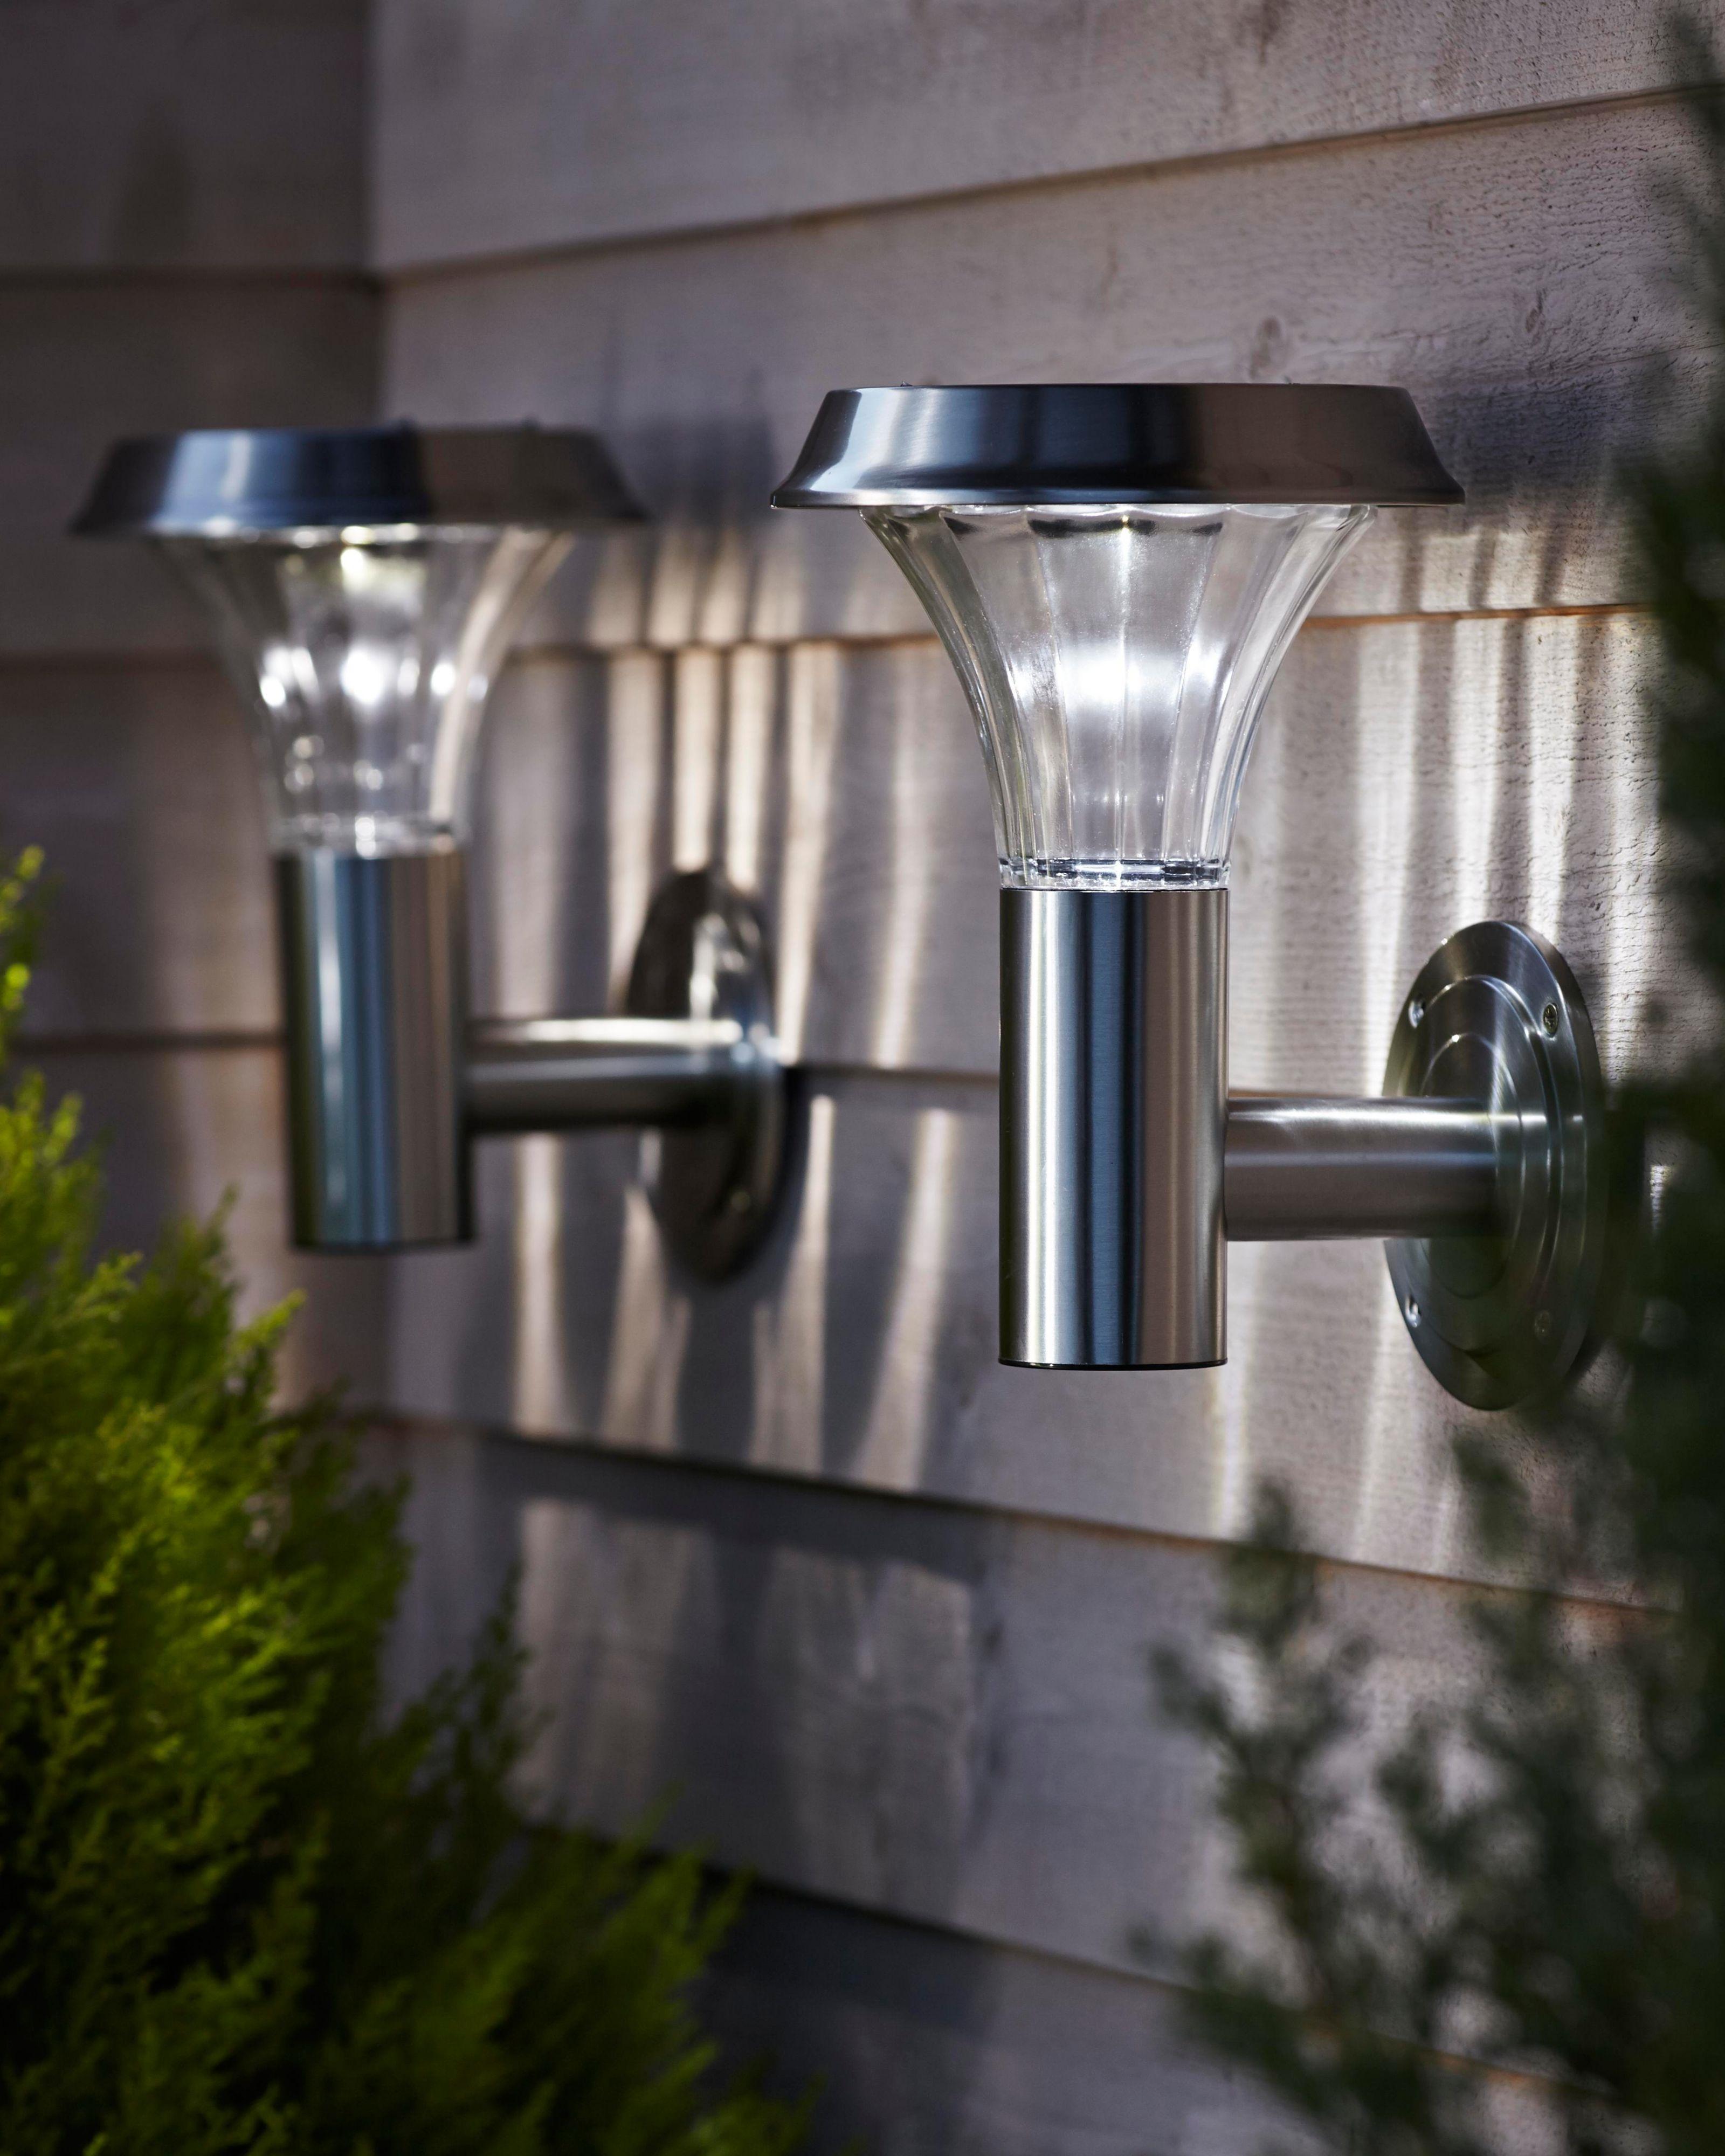 Lampioncini da giardino - Tutte le offerte : Cascare a Fagiolo